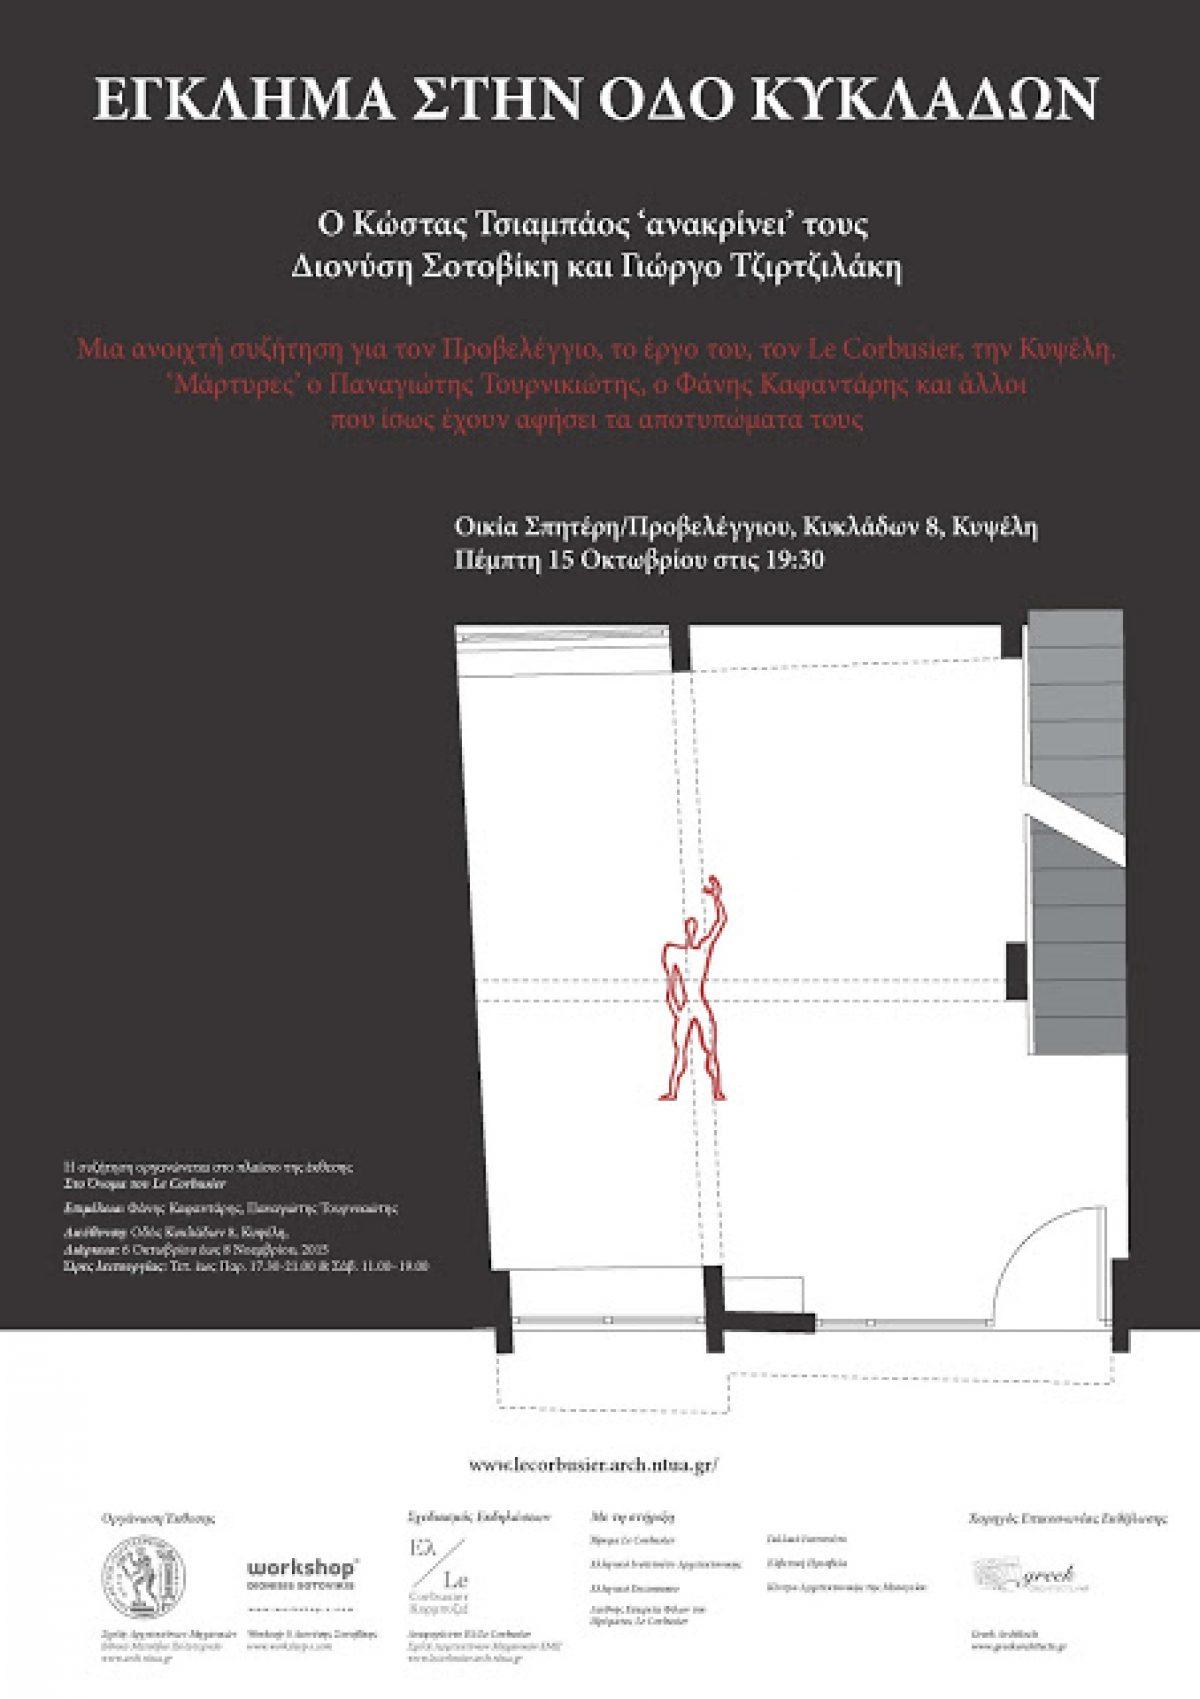 Πρόσκληση στη συζήτηση «Έγκλημα στην Οδό Κυκλάδων» Le Corbusier, Προβελέγγιος, Κυψέλη 15 Οκτωβρίου 2015